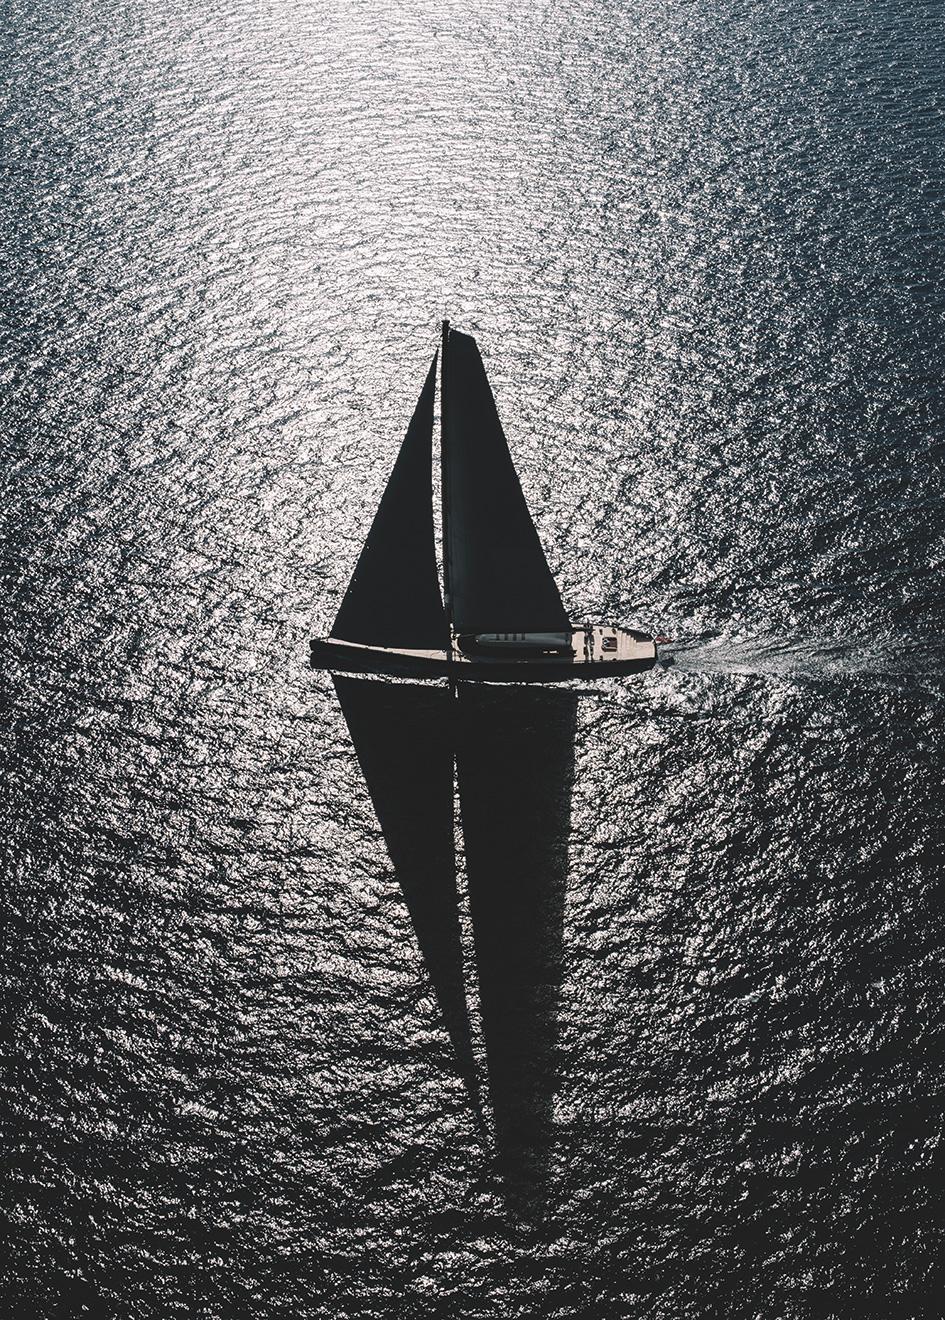 the-royal-huisman-sailing-yacht-ngoni-credit-jeff-brown-breed-media